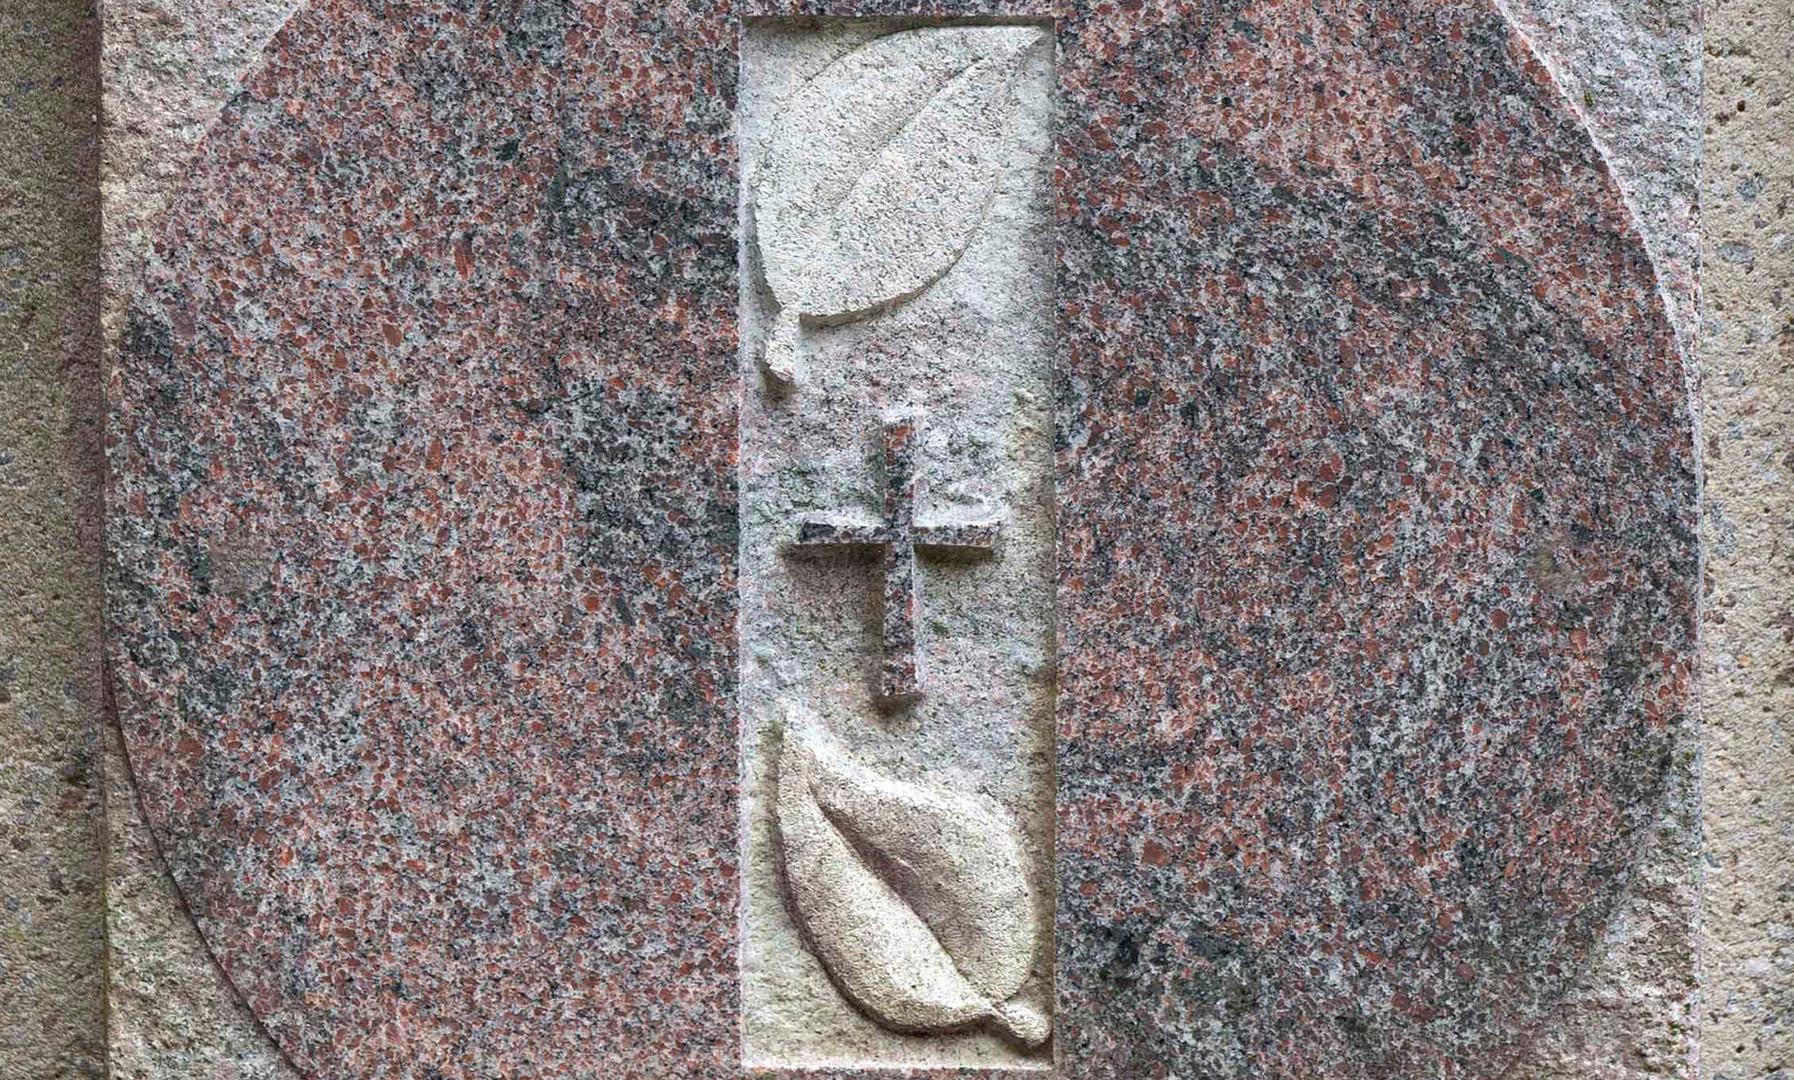 03-Urnenplatte-Urnengrab-Steinmetz-Ascha